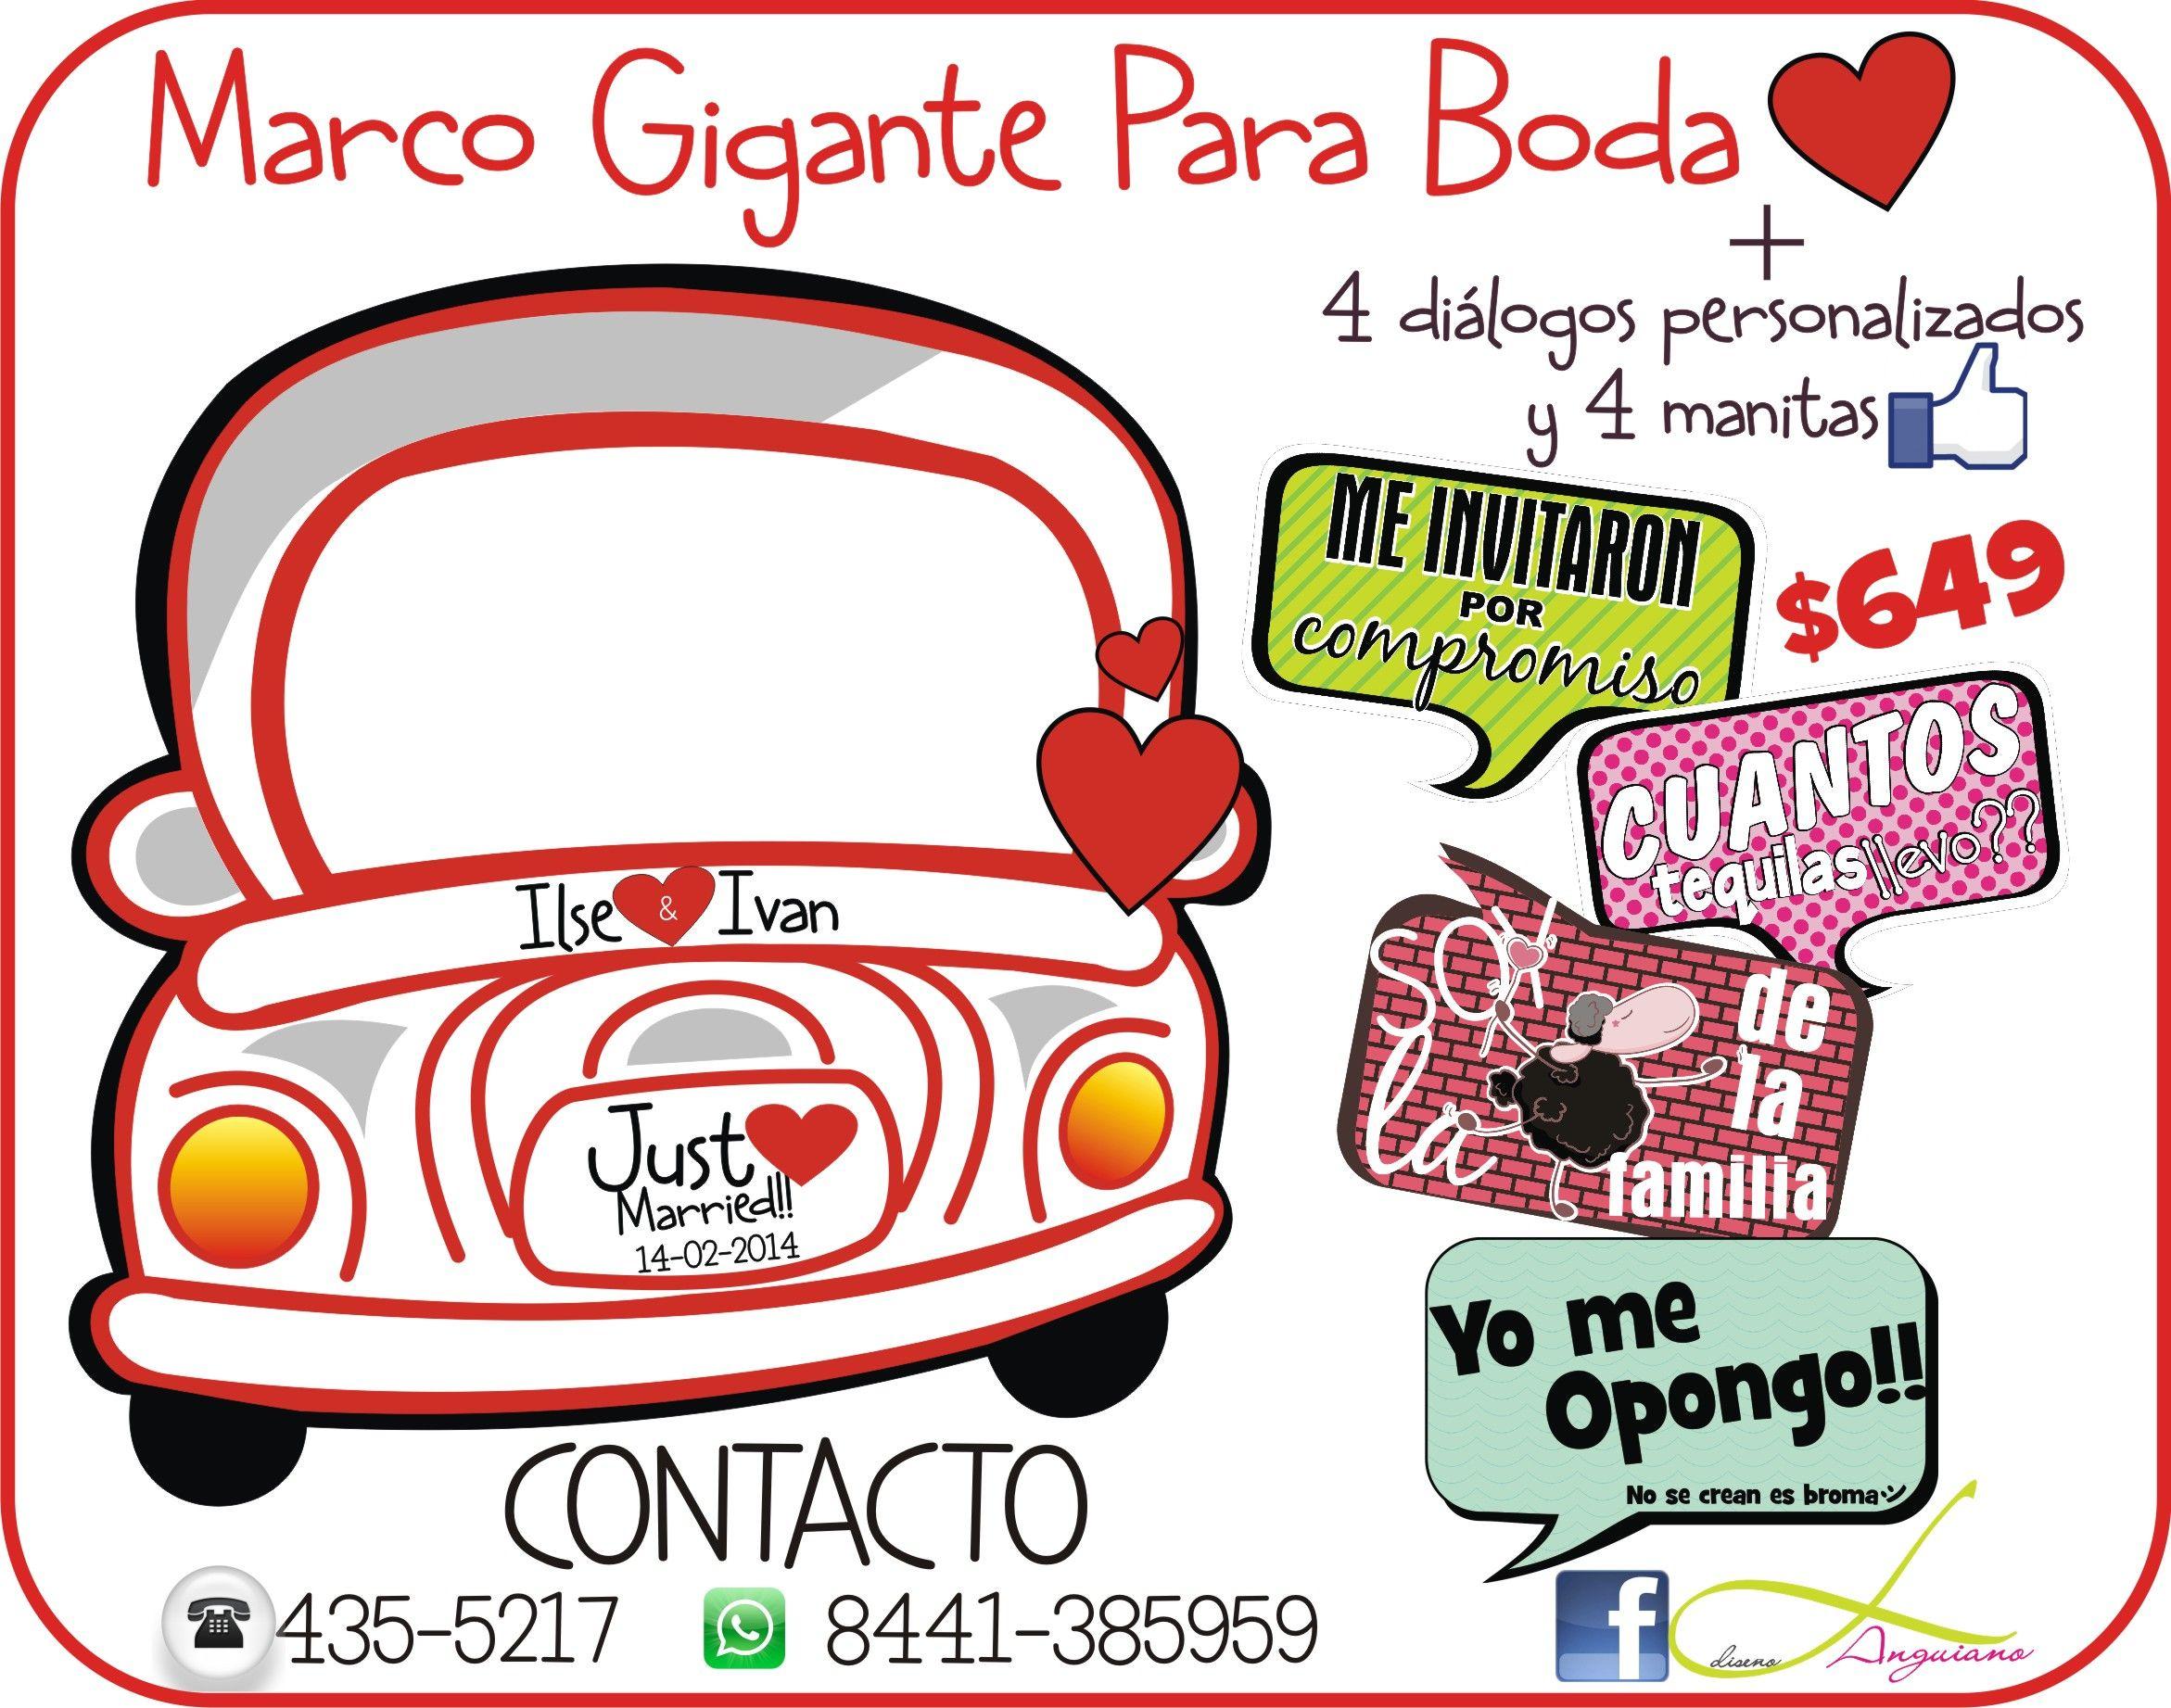 By Linda Anguiano Cotizaciones 4355217 Saltillo Whatsapp 8441  # Muebles El Gigante Saltillo